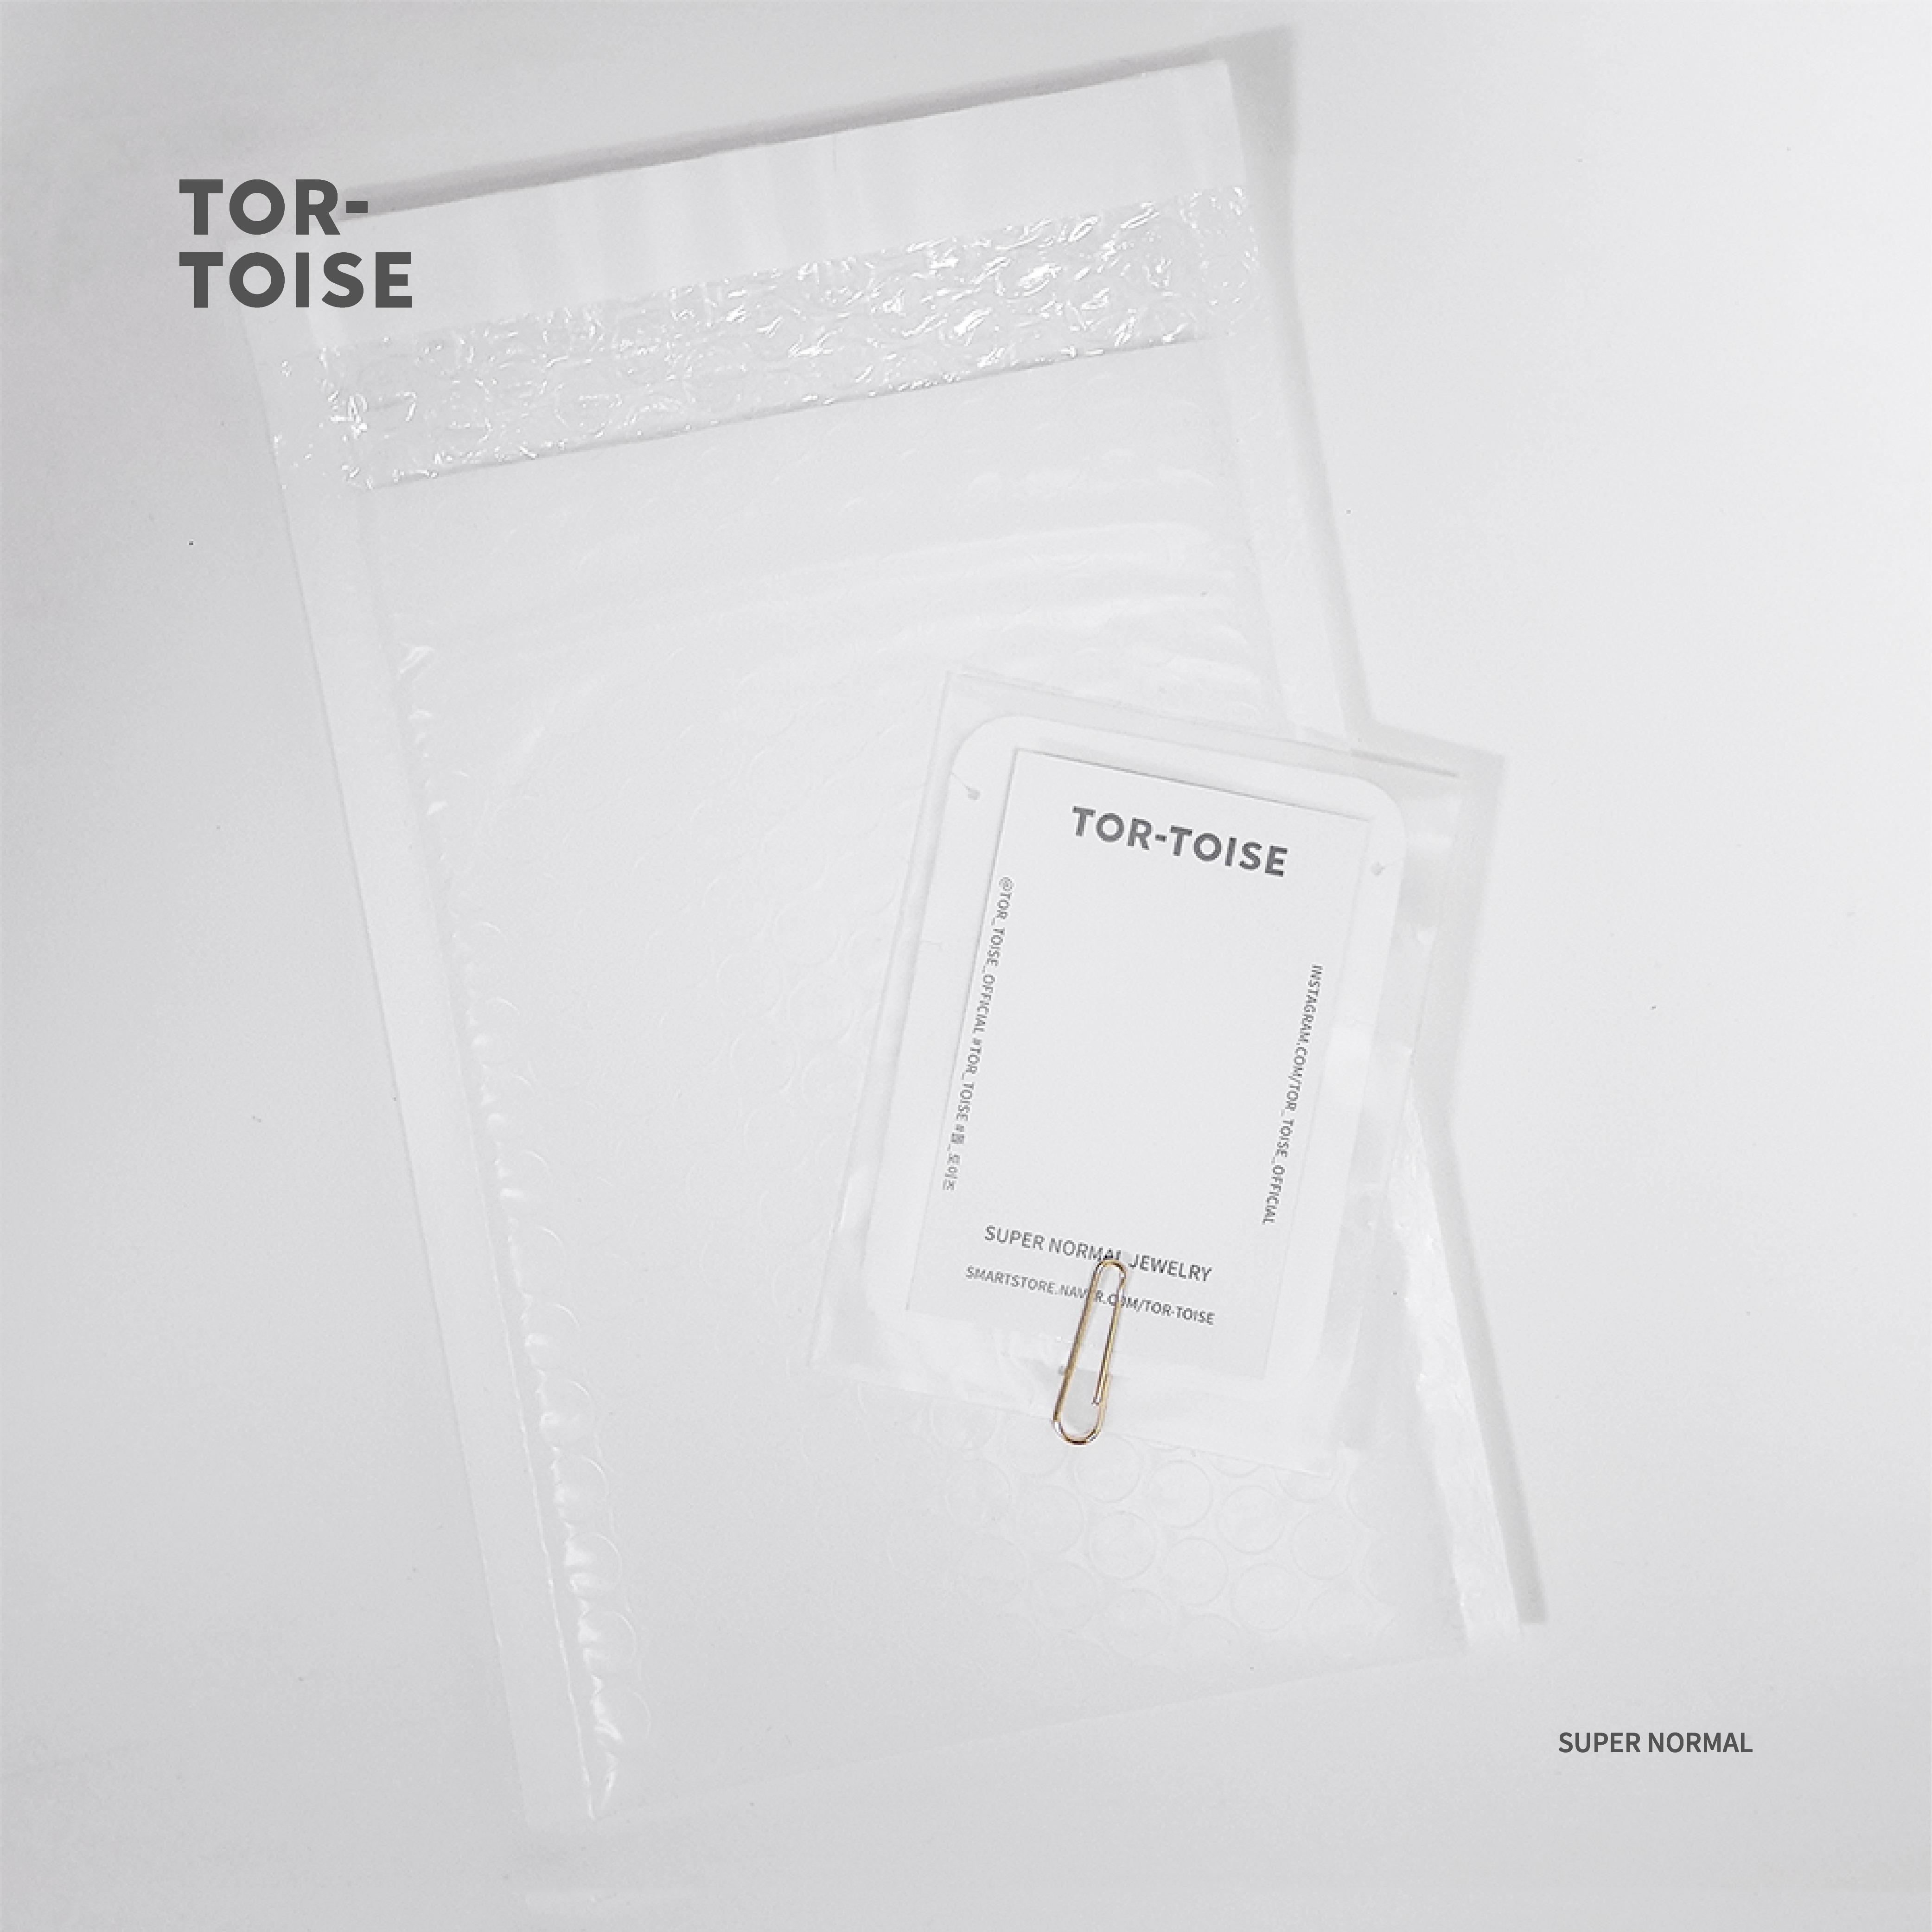 써지컬스틸 골드 심플 체인반지 - 톨토이즈, 7,900원, 패션, 패션반지